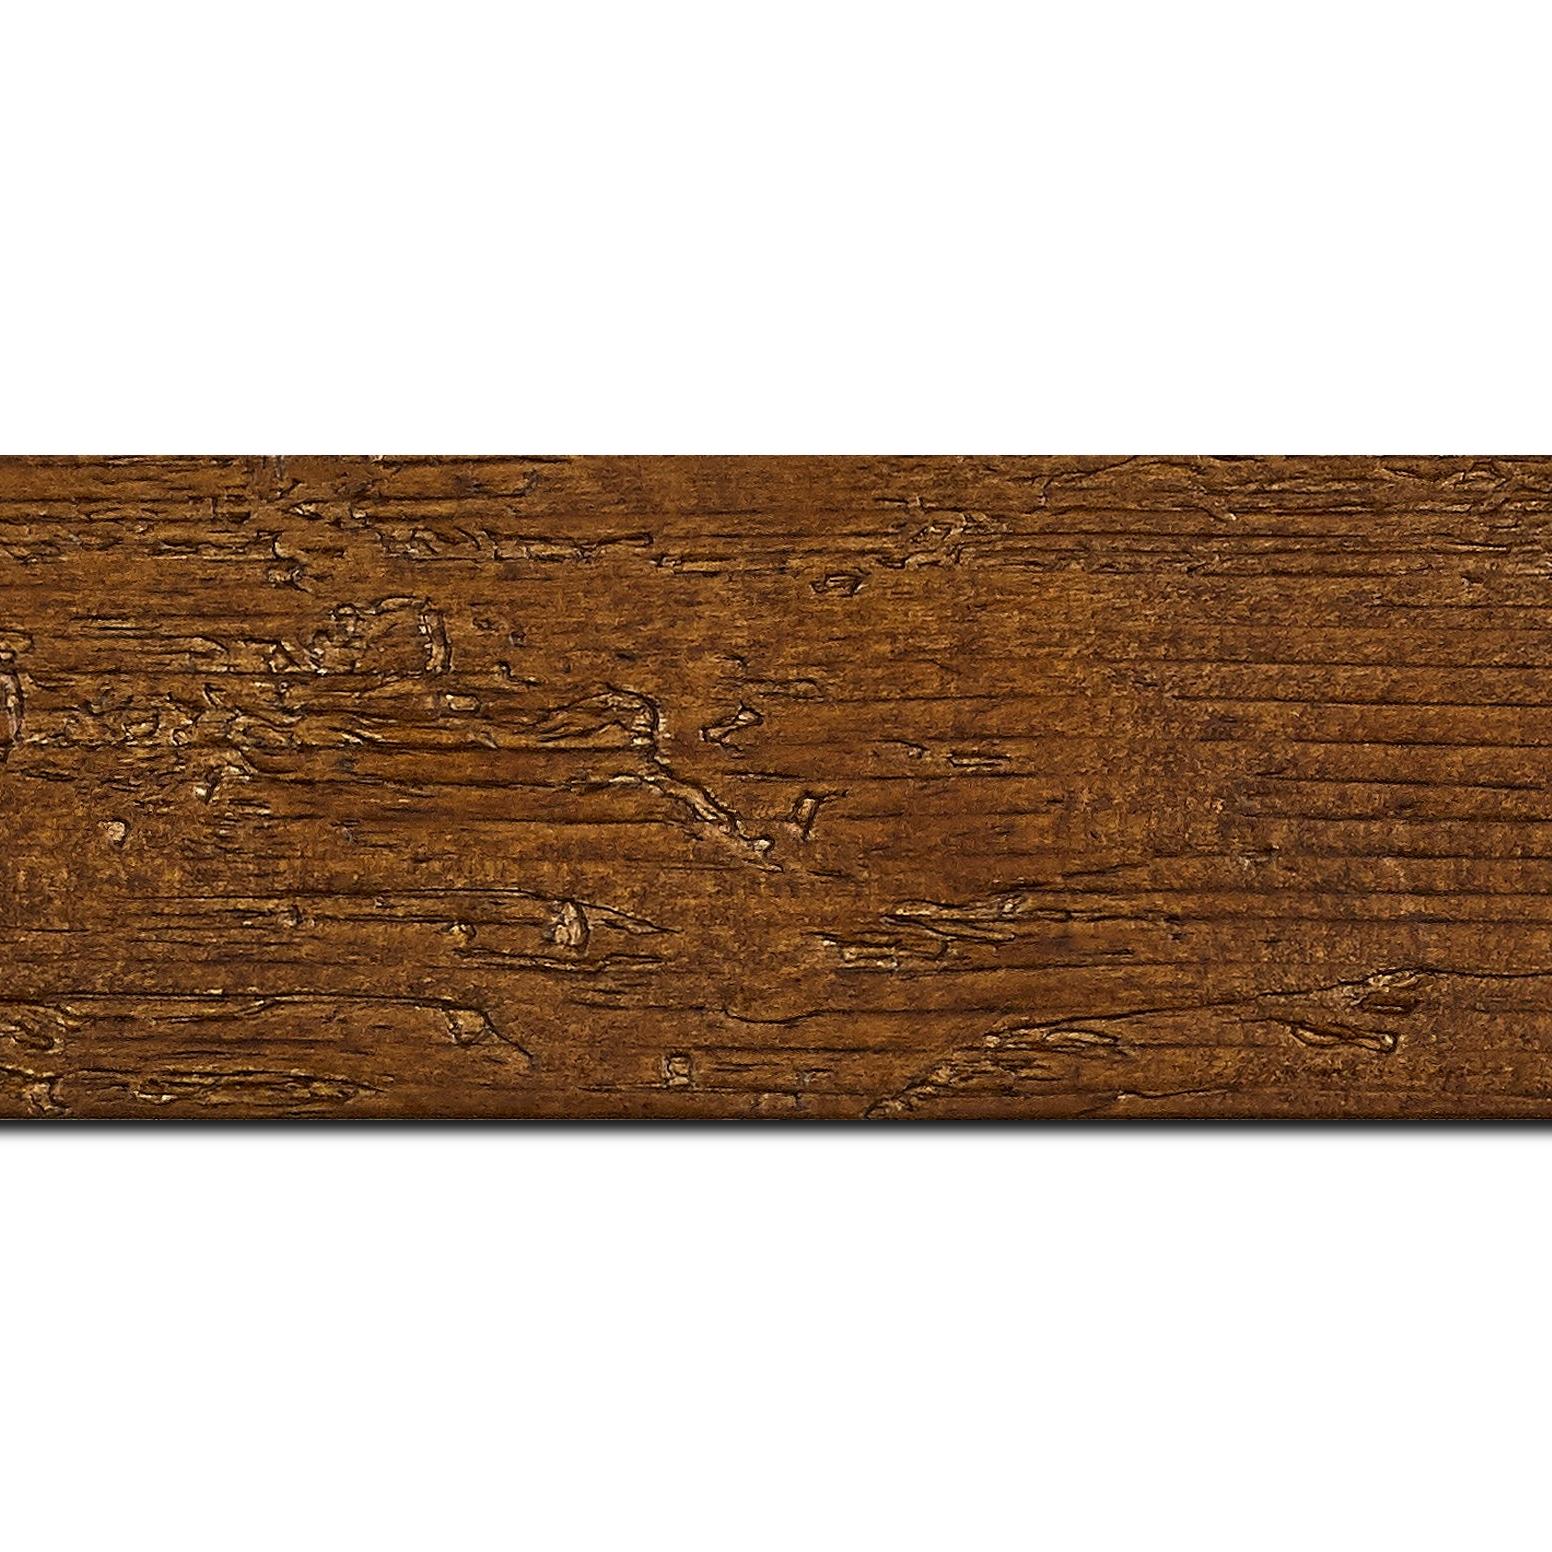 Pack par 12m, bois profil plat largeur 6.7cm couleur marron foncé finition aspect vieilli antique   (longueur baguette pouvant varier entre 2.40m et 3m selon arrivage des bois)